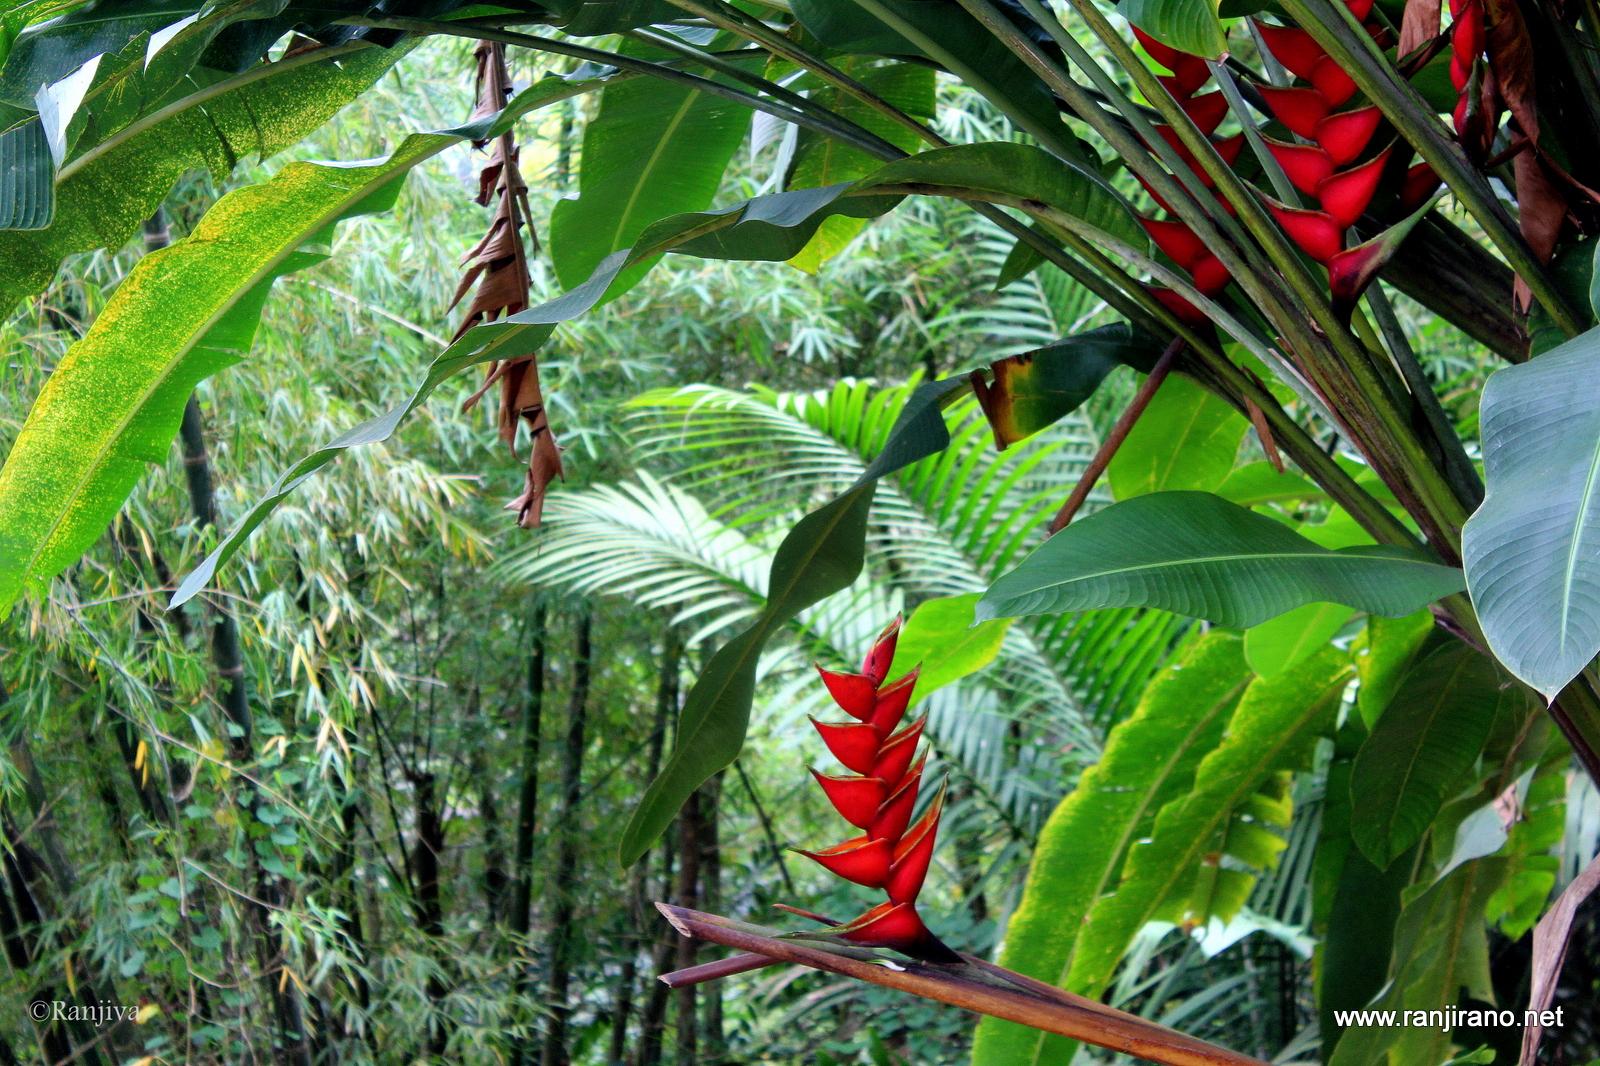 L 39 le aux fleurs et ses magnifiques oiseaux colibris for Au jardin des colibris avis